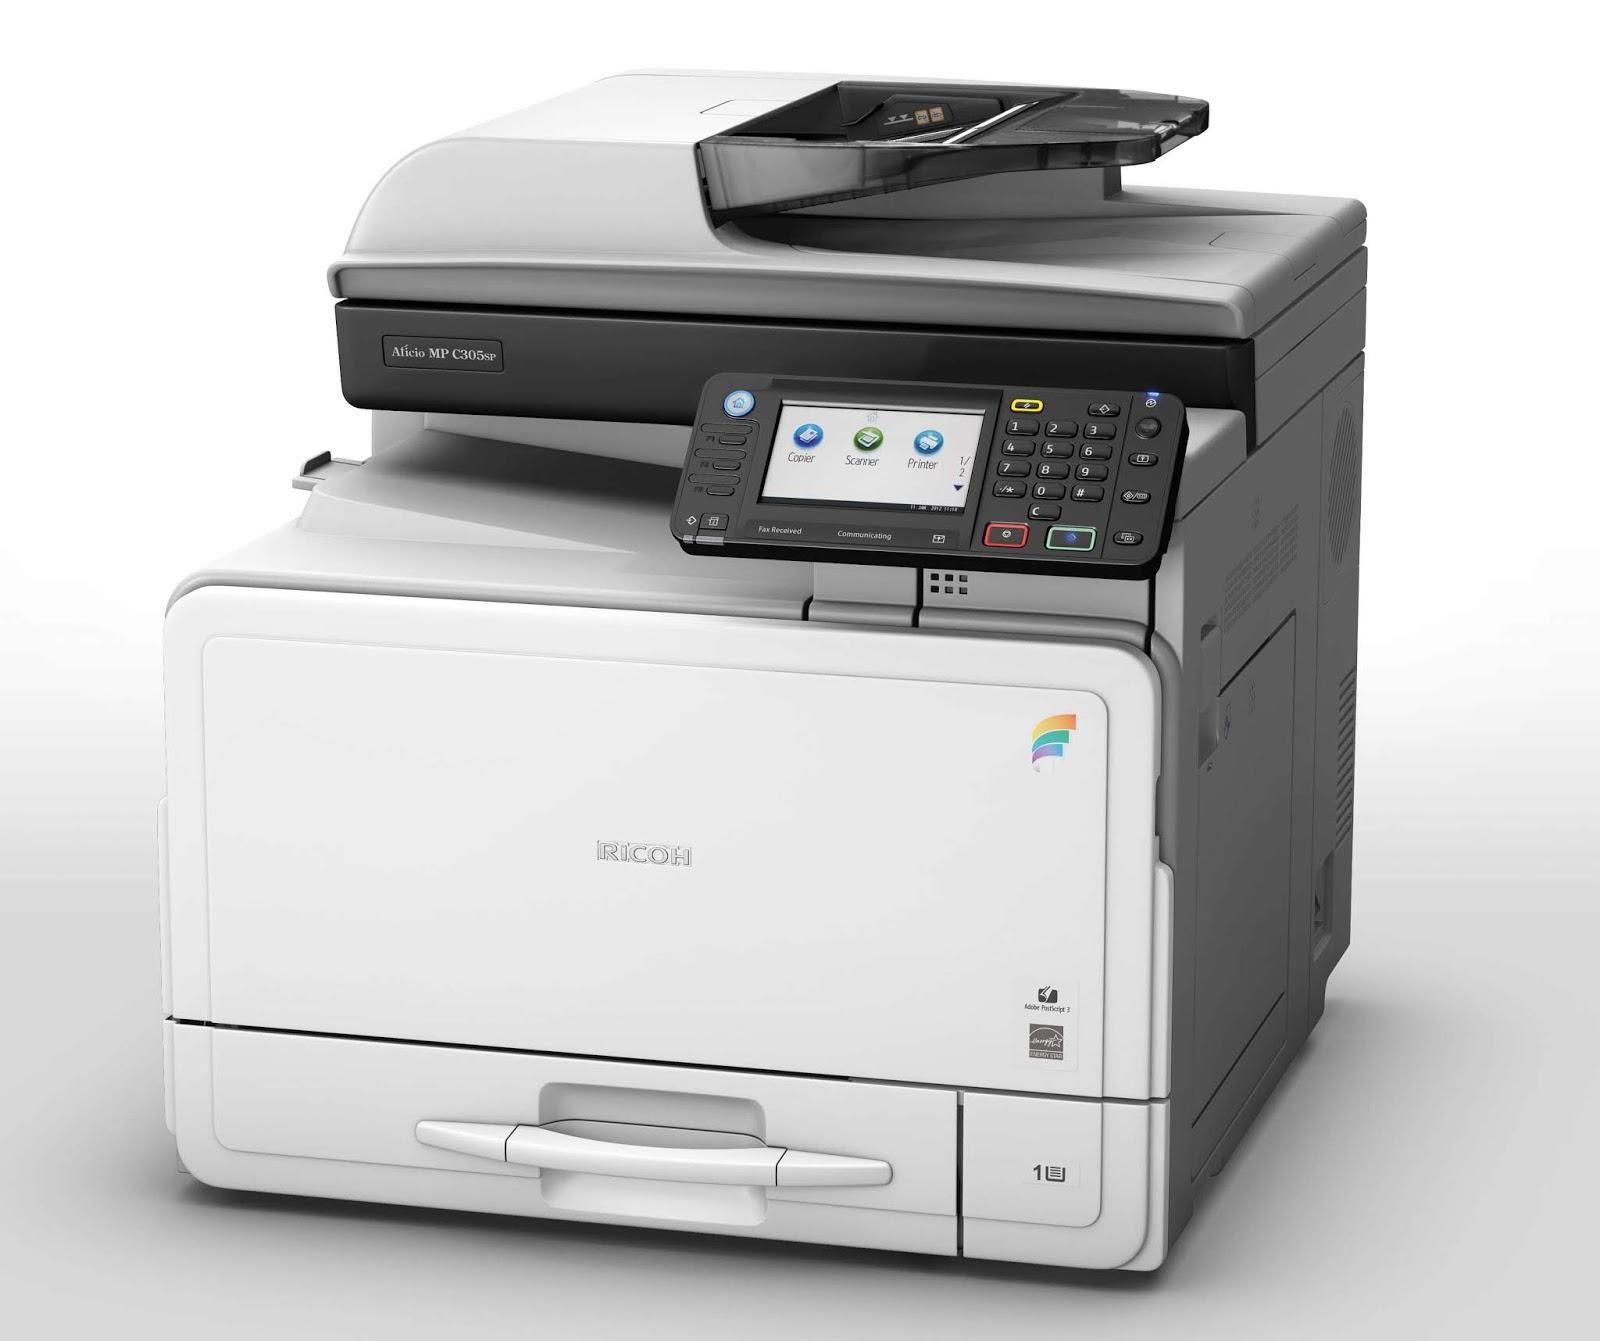 ricoh aficio mp 2851 printer driver windows 10